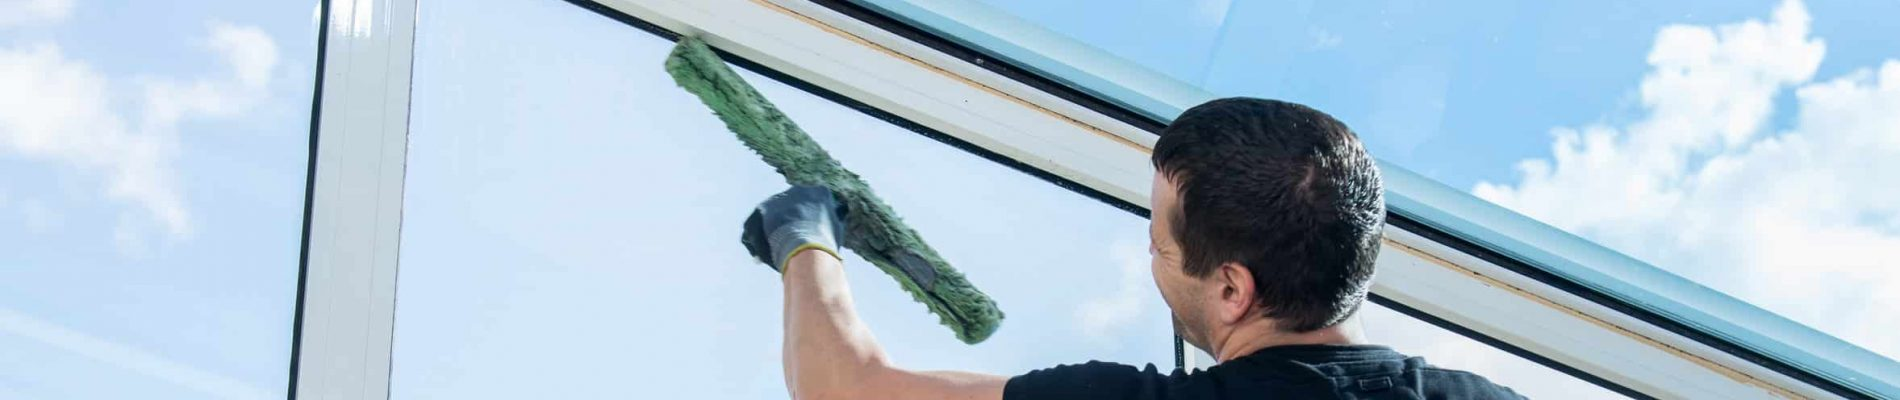 HAJO Dienstleistung Glasreinigung Aachen